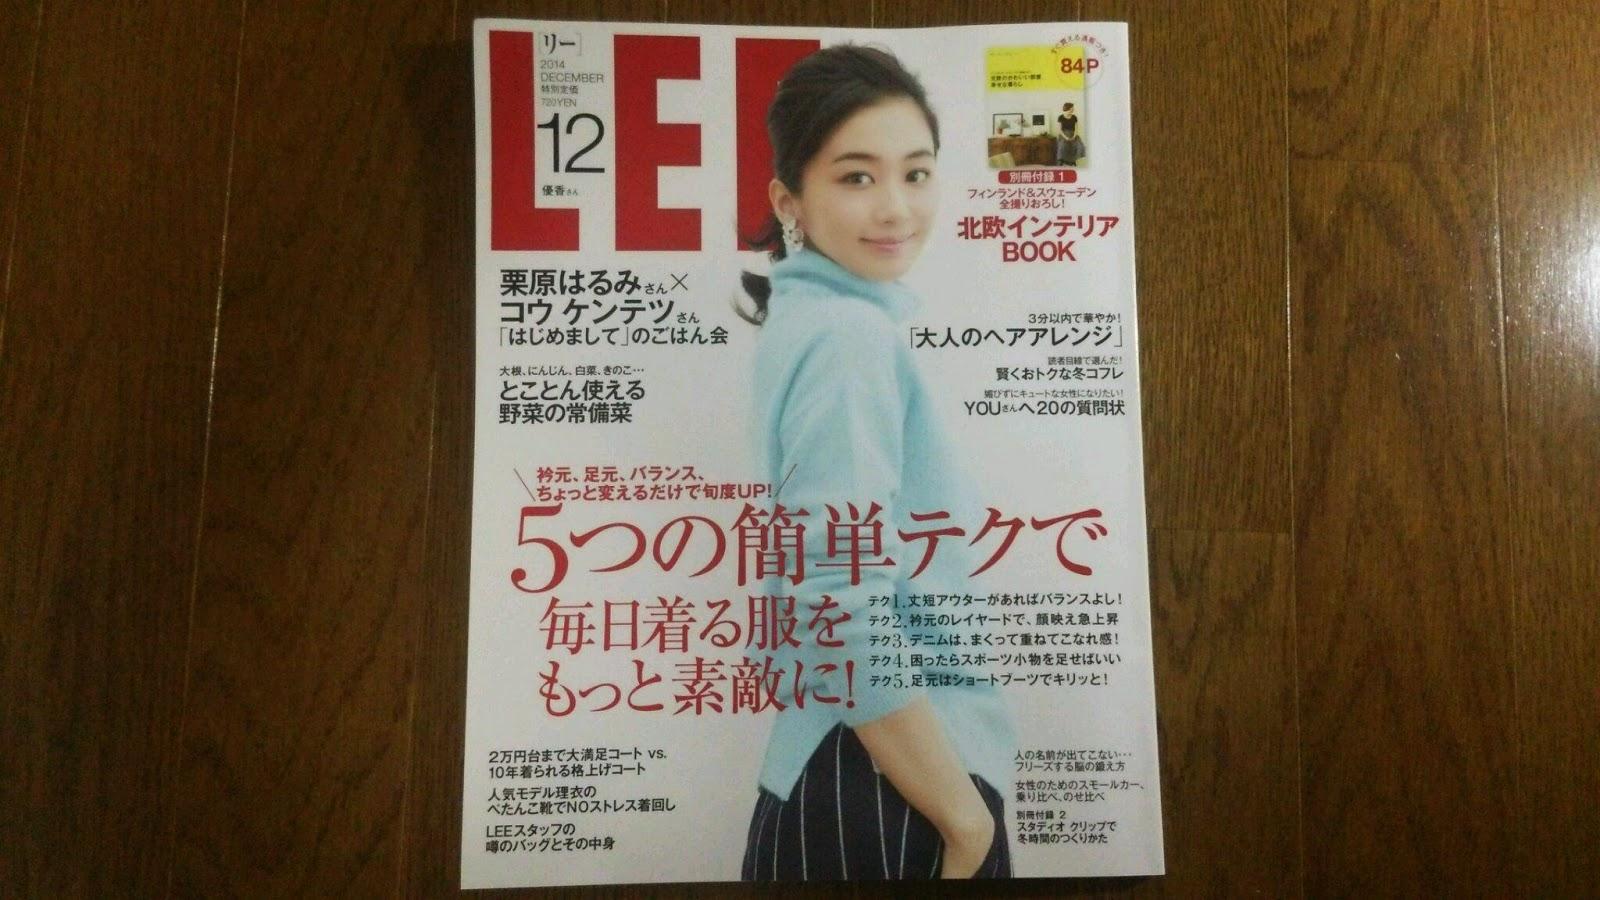 女性ファッション誌『LEE』で憲法と政治を学んじゃおう☆